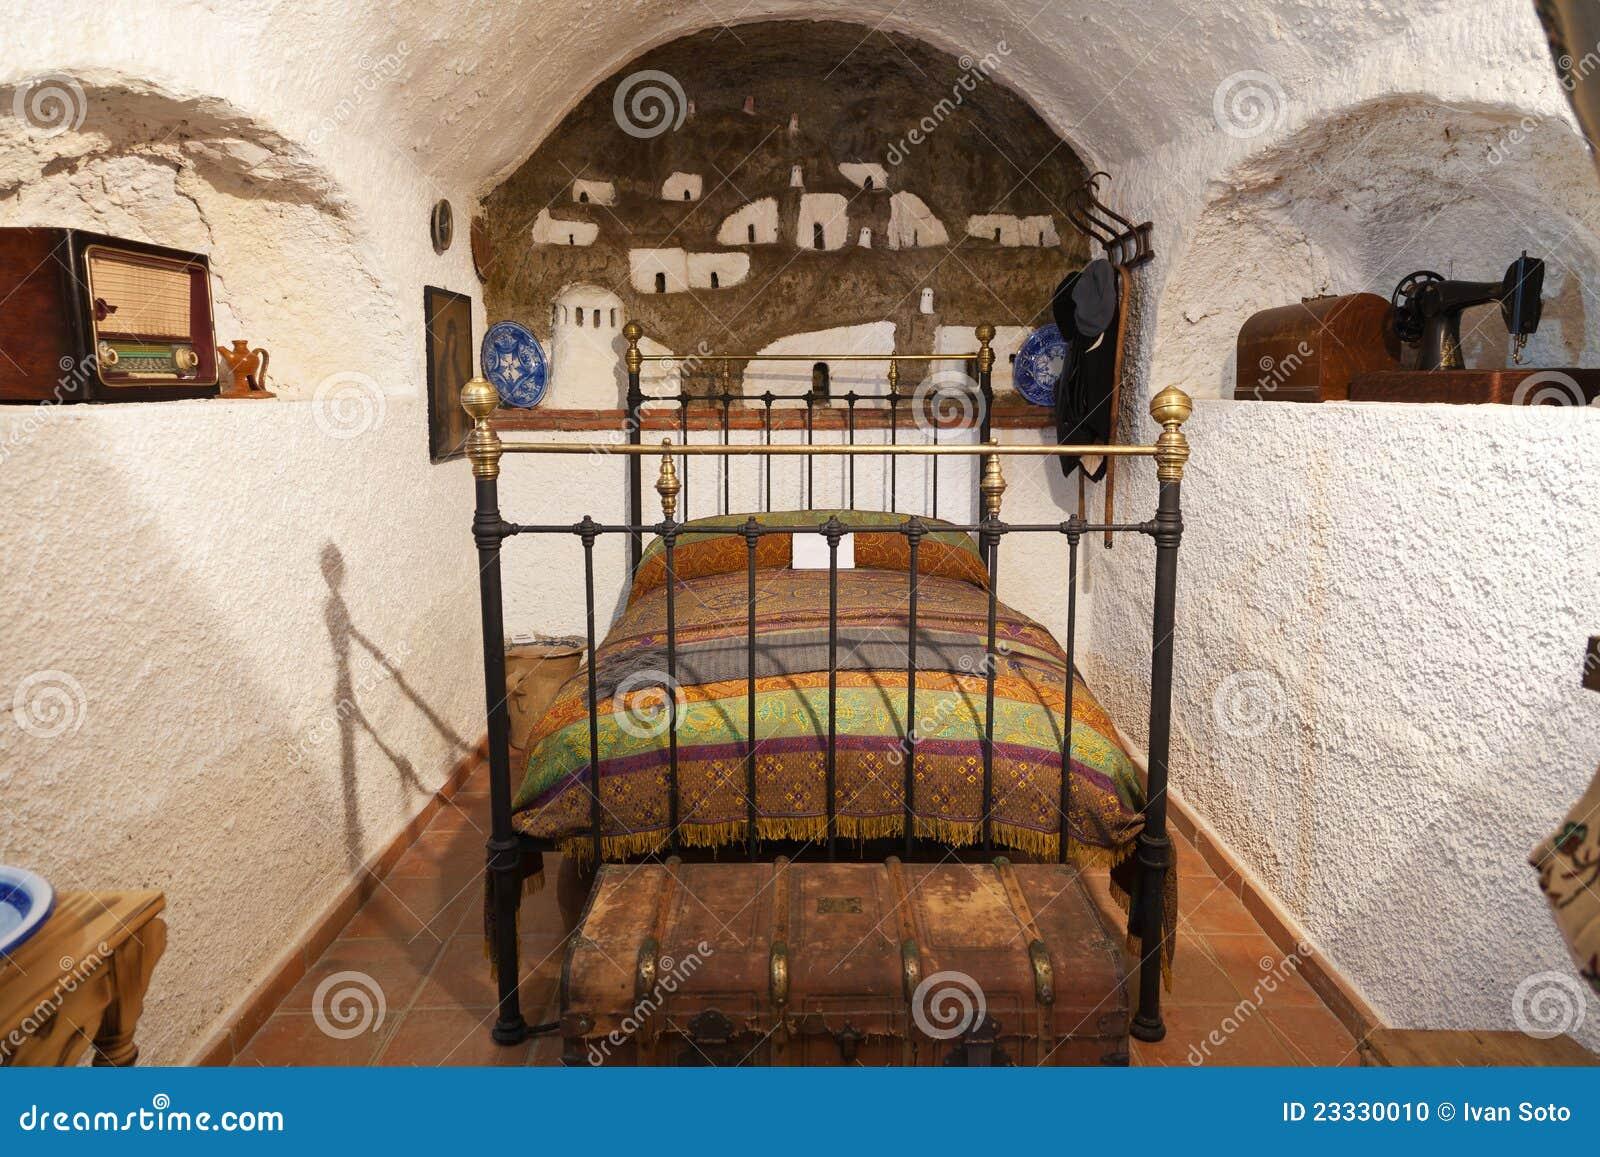 altes schlafzimmer in einem höhlehaus stockfoto - bild: 23330010, Schlafzimmer